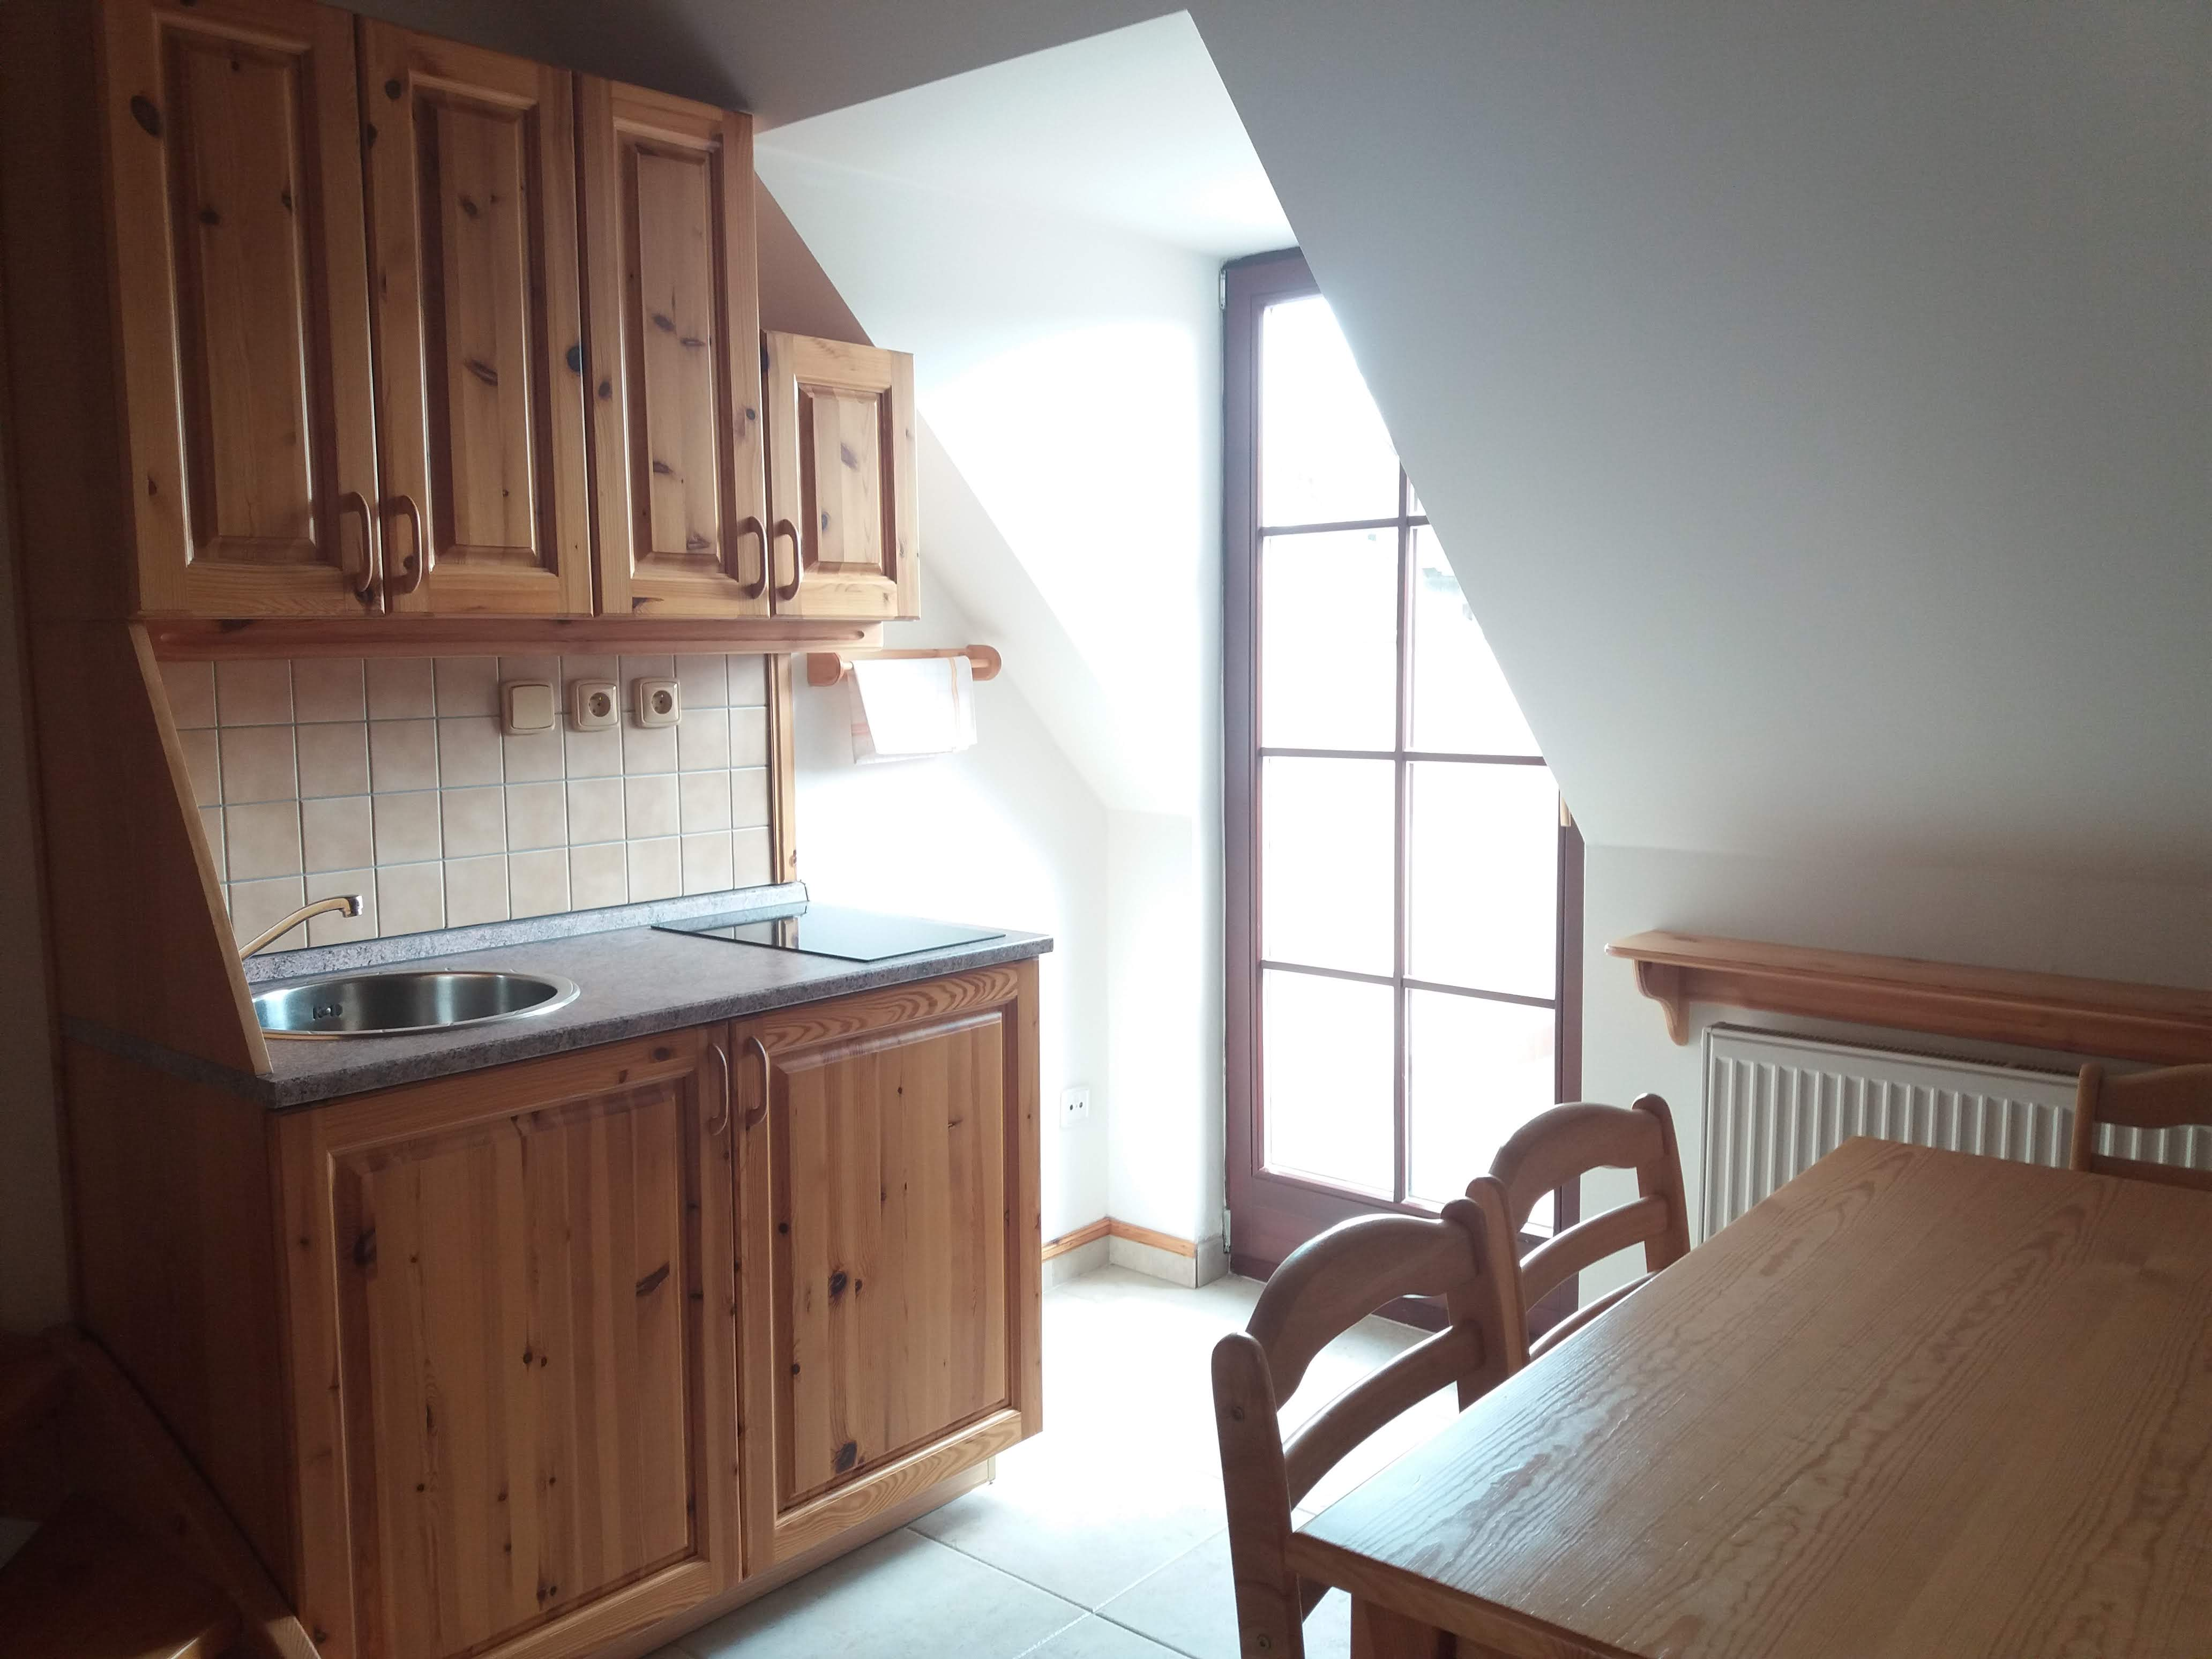 Jídelní stůl, kuchyňský kout a vstup na balkón